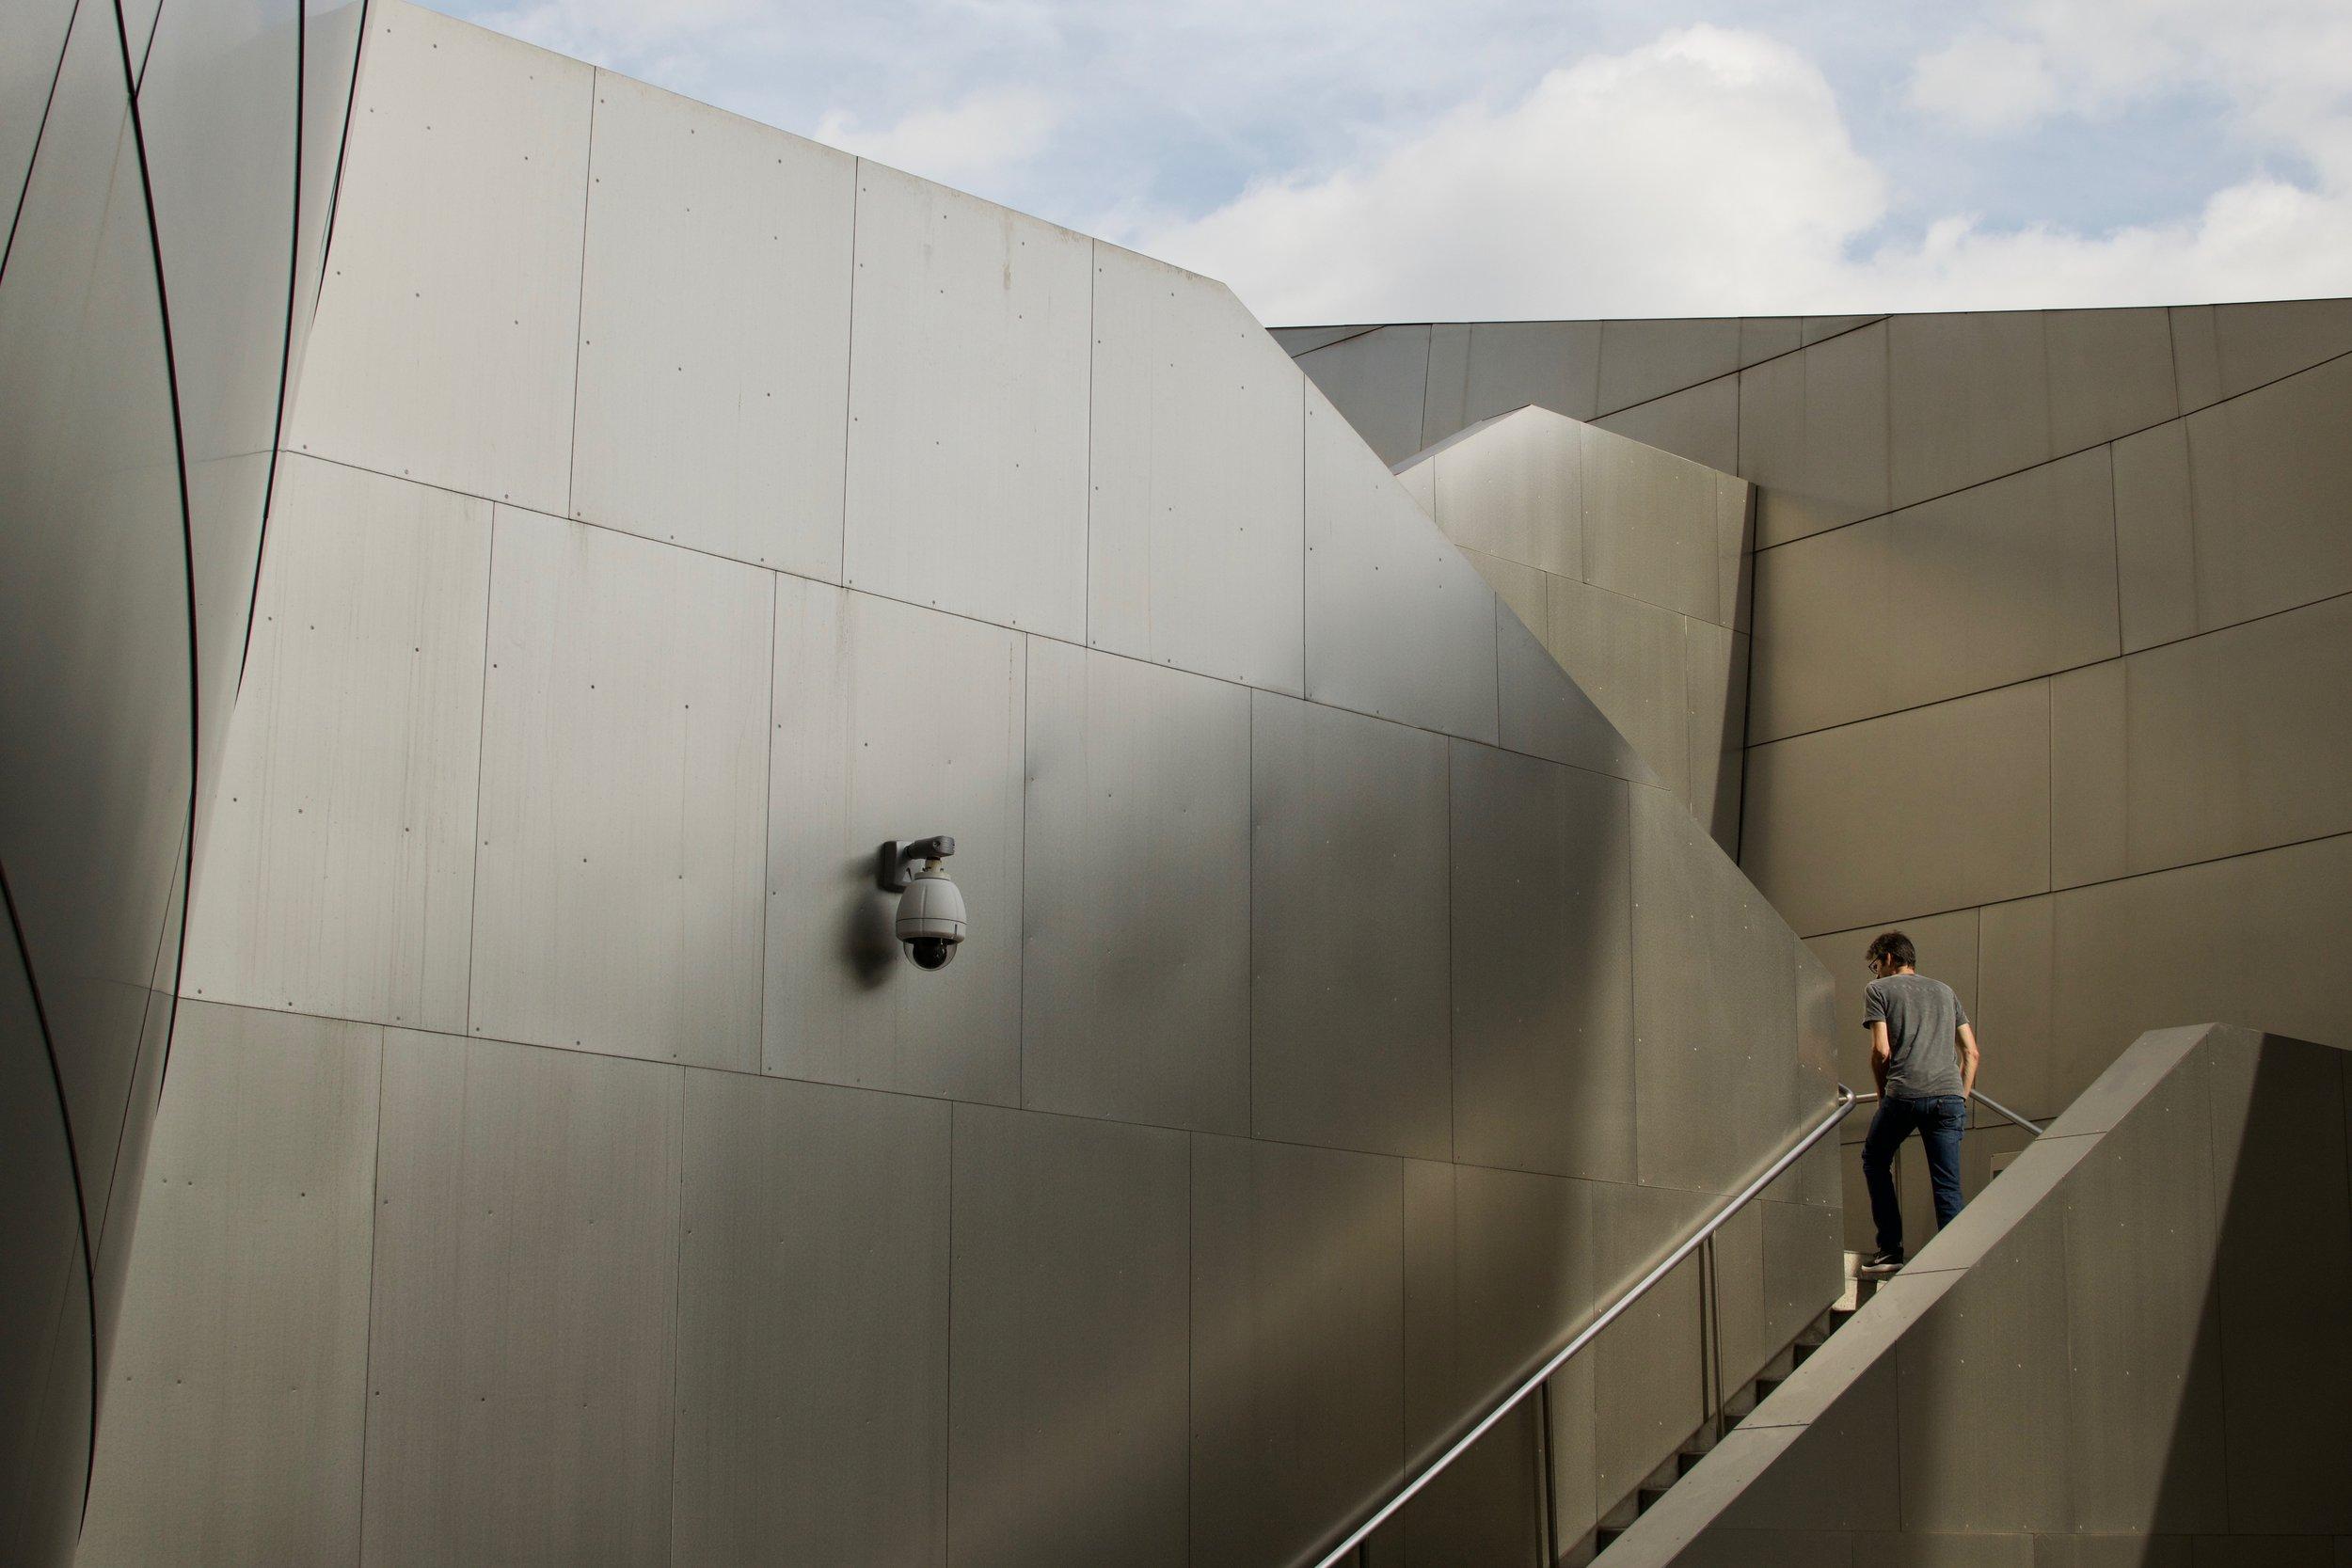 la_disney_stairs.jpg